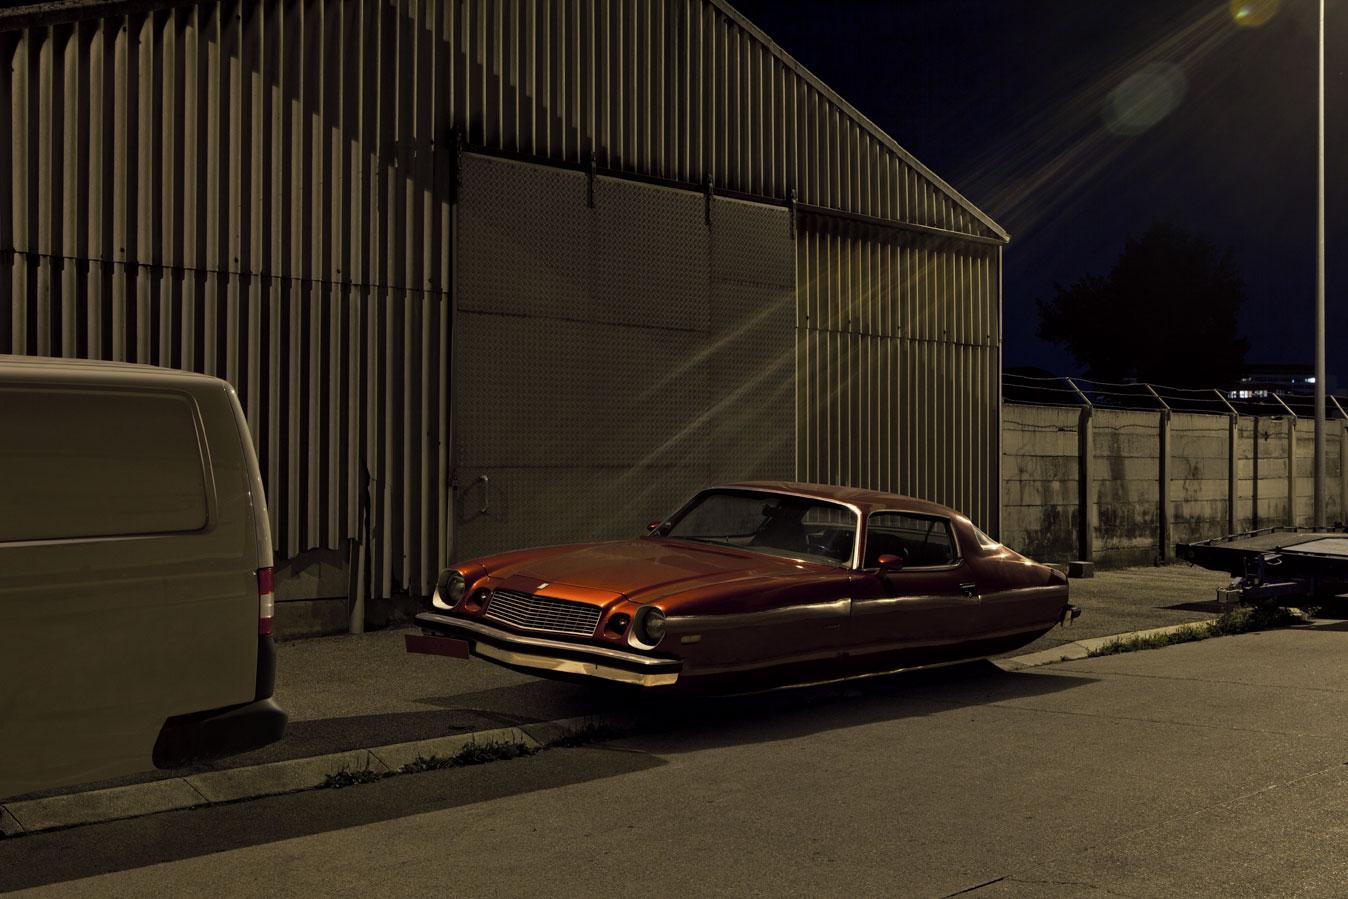 O possante Chevrolet Camaro ficou mais suave sem as rodas (Foto: Divulgação /Renaud Marion)